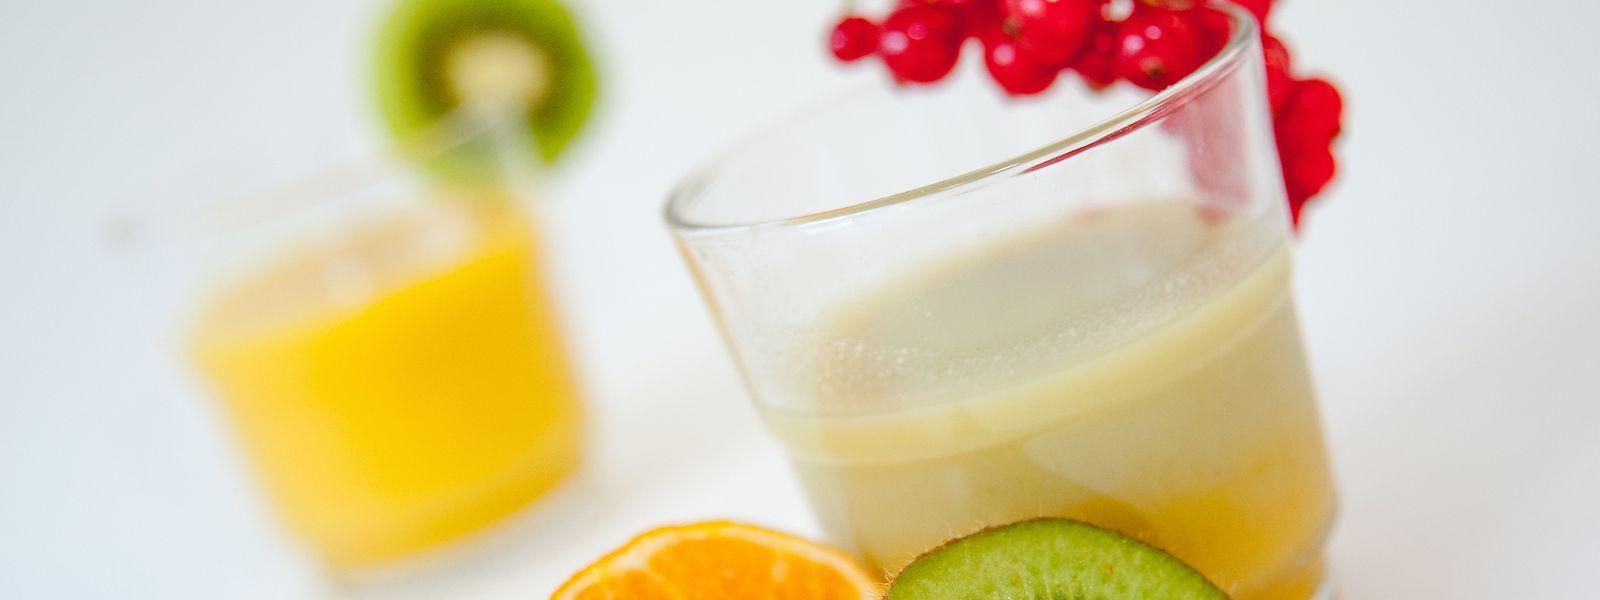 Wer nicht zu viel Zucker zu sich nehmen will, sollte Obst besser essen statt trinken. Oder gleich zu mehr Gemüse greifen.